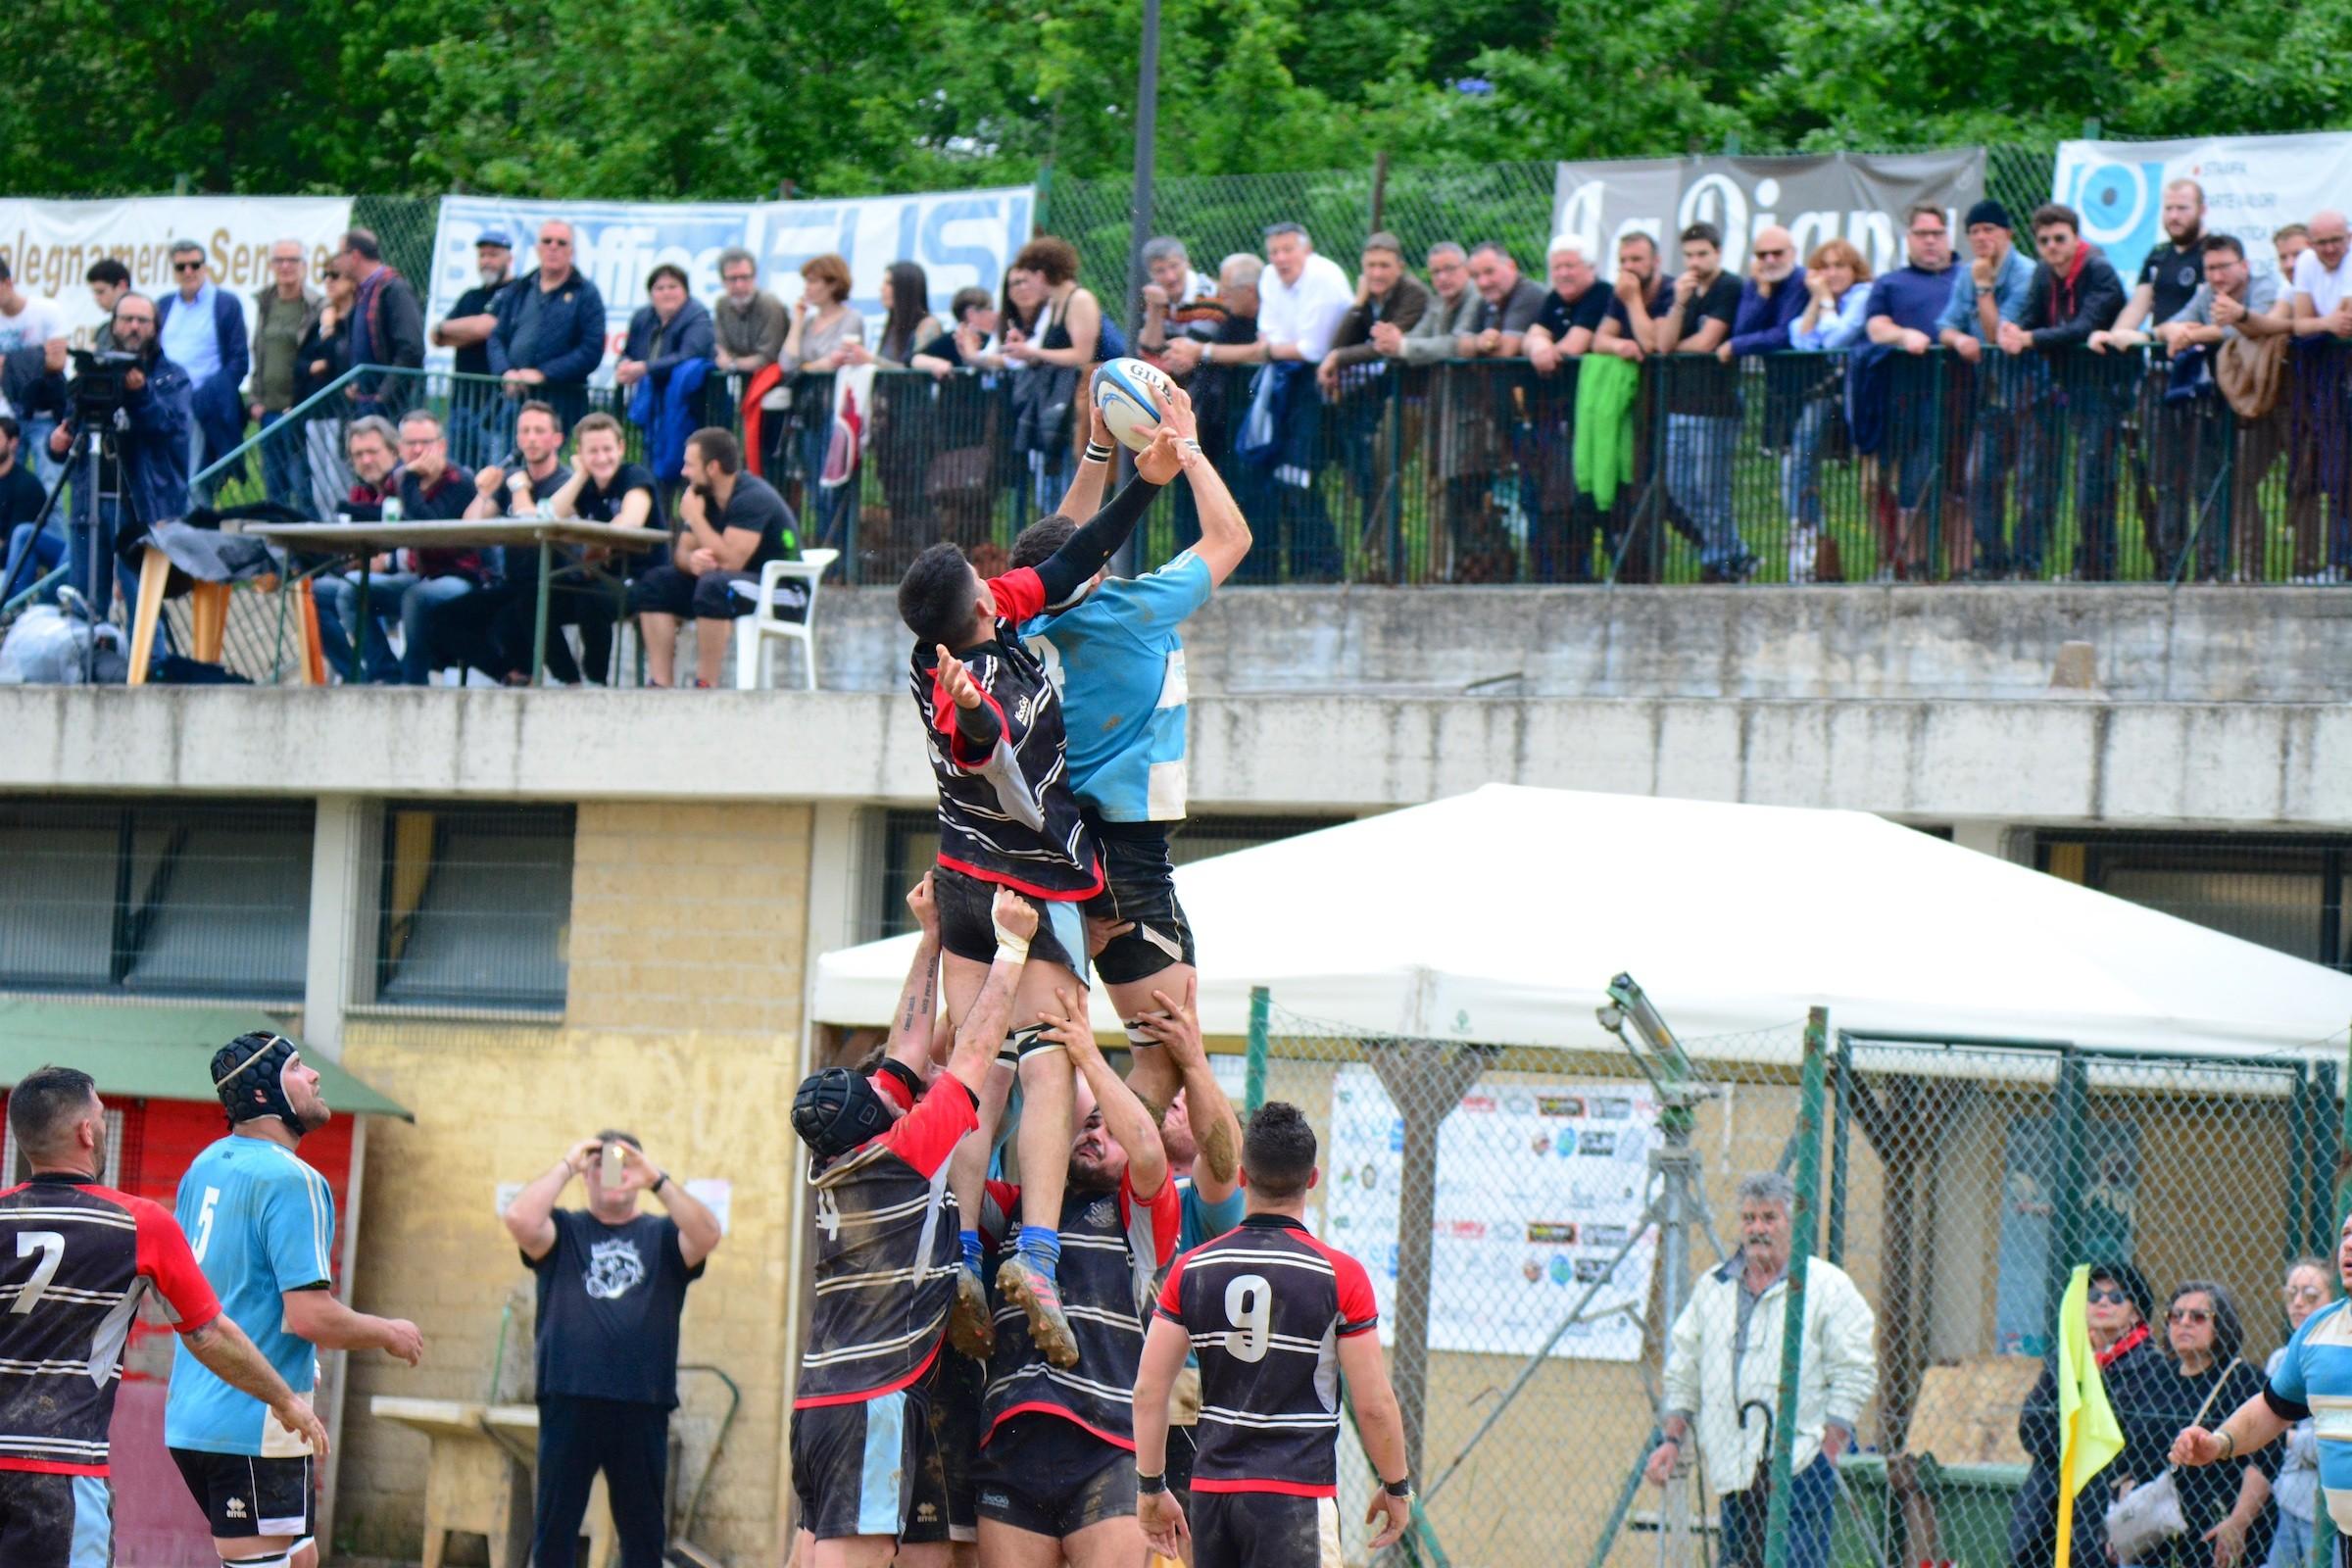 Il Cus Siena Rugby stravince l'andata dello spareggio con Fradis Sinnai e avvicina la B